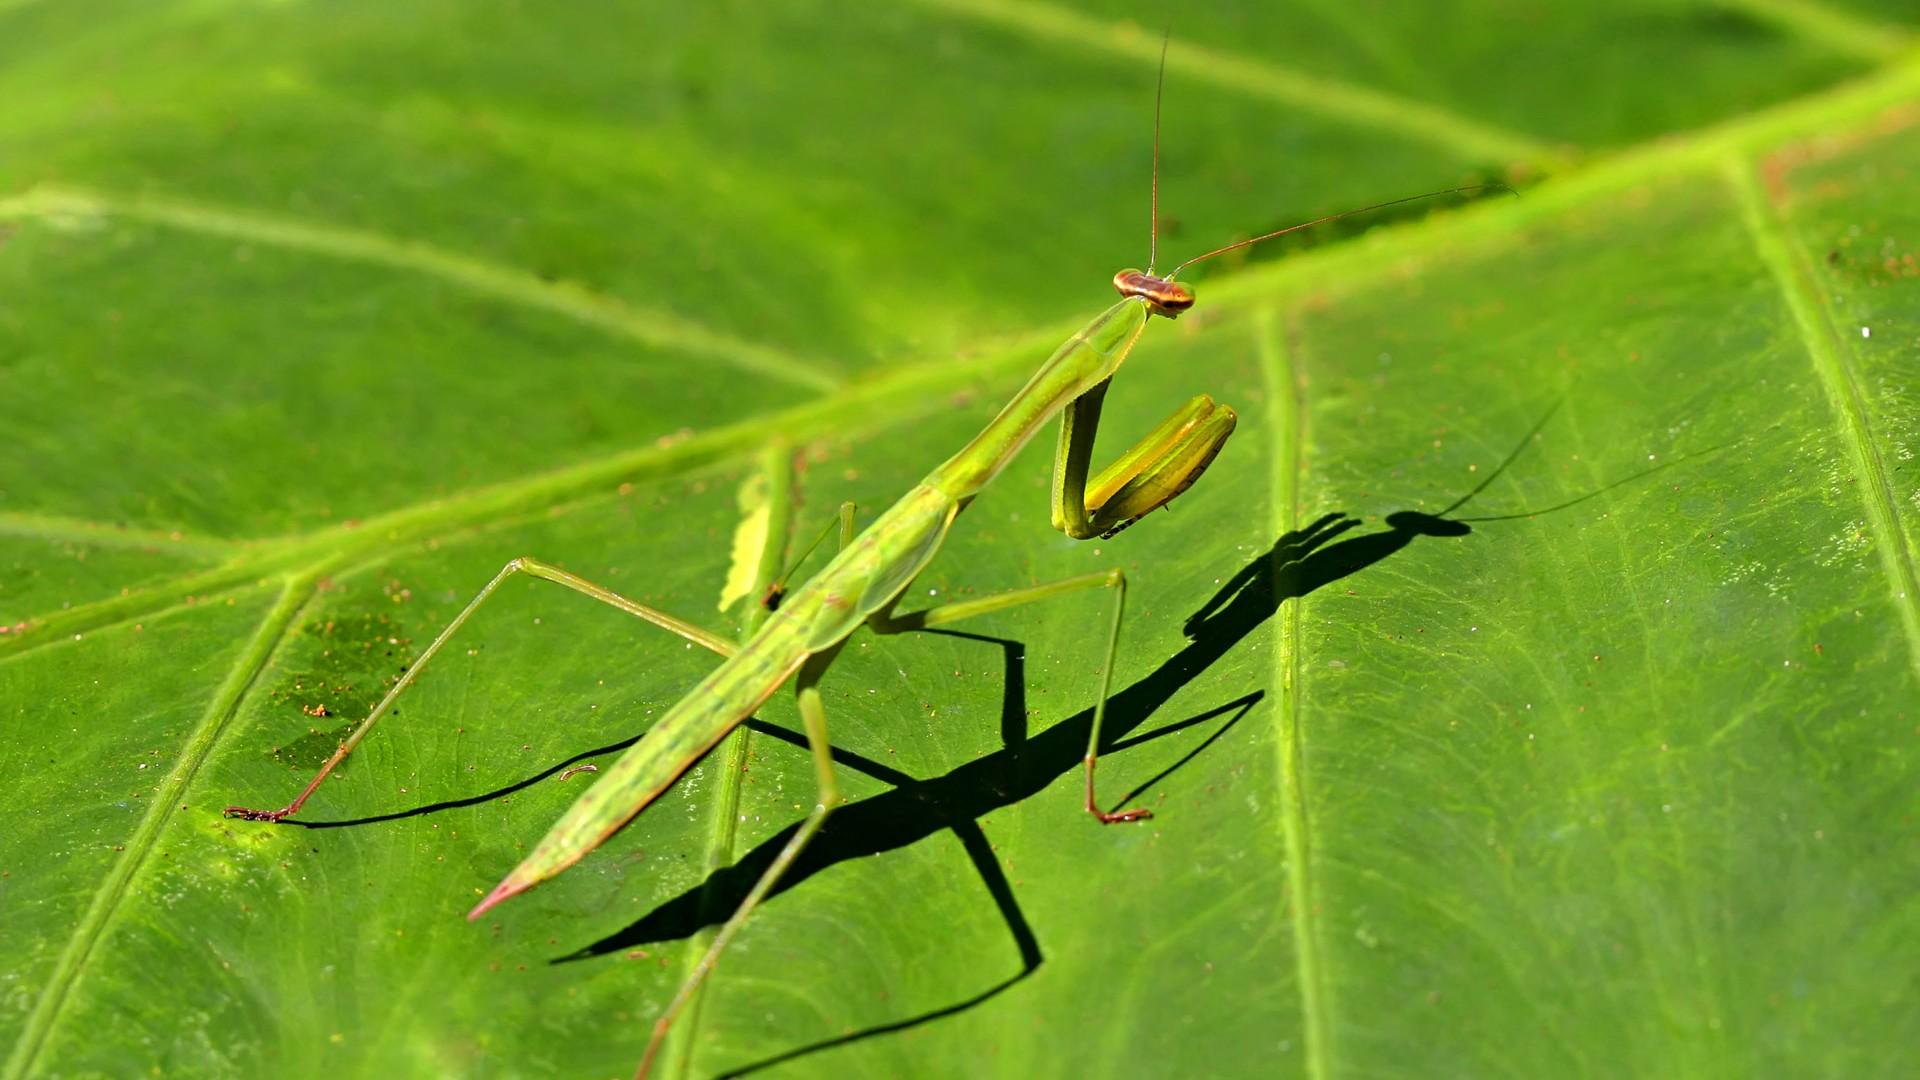 Características de insectos (2) #9 - 1920x1080